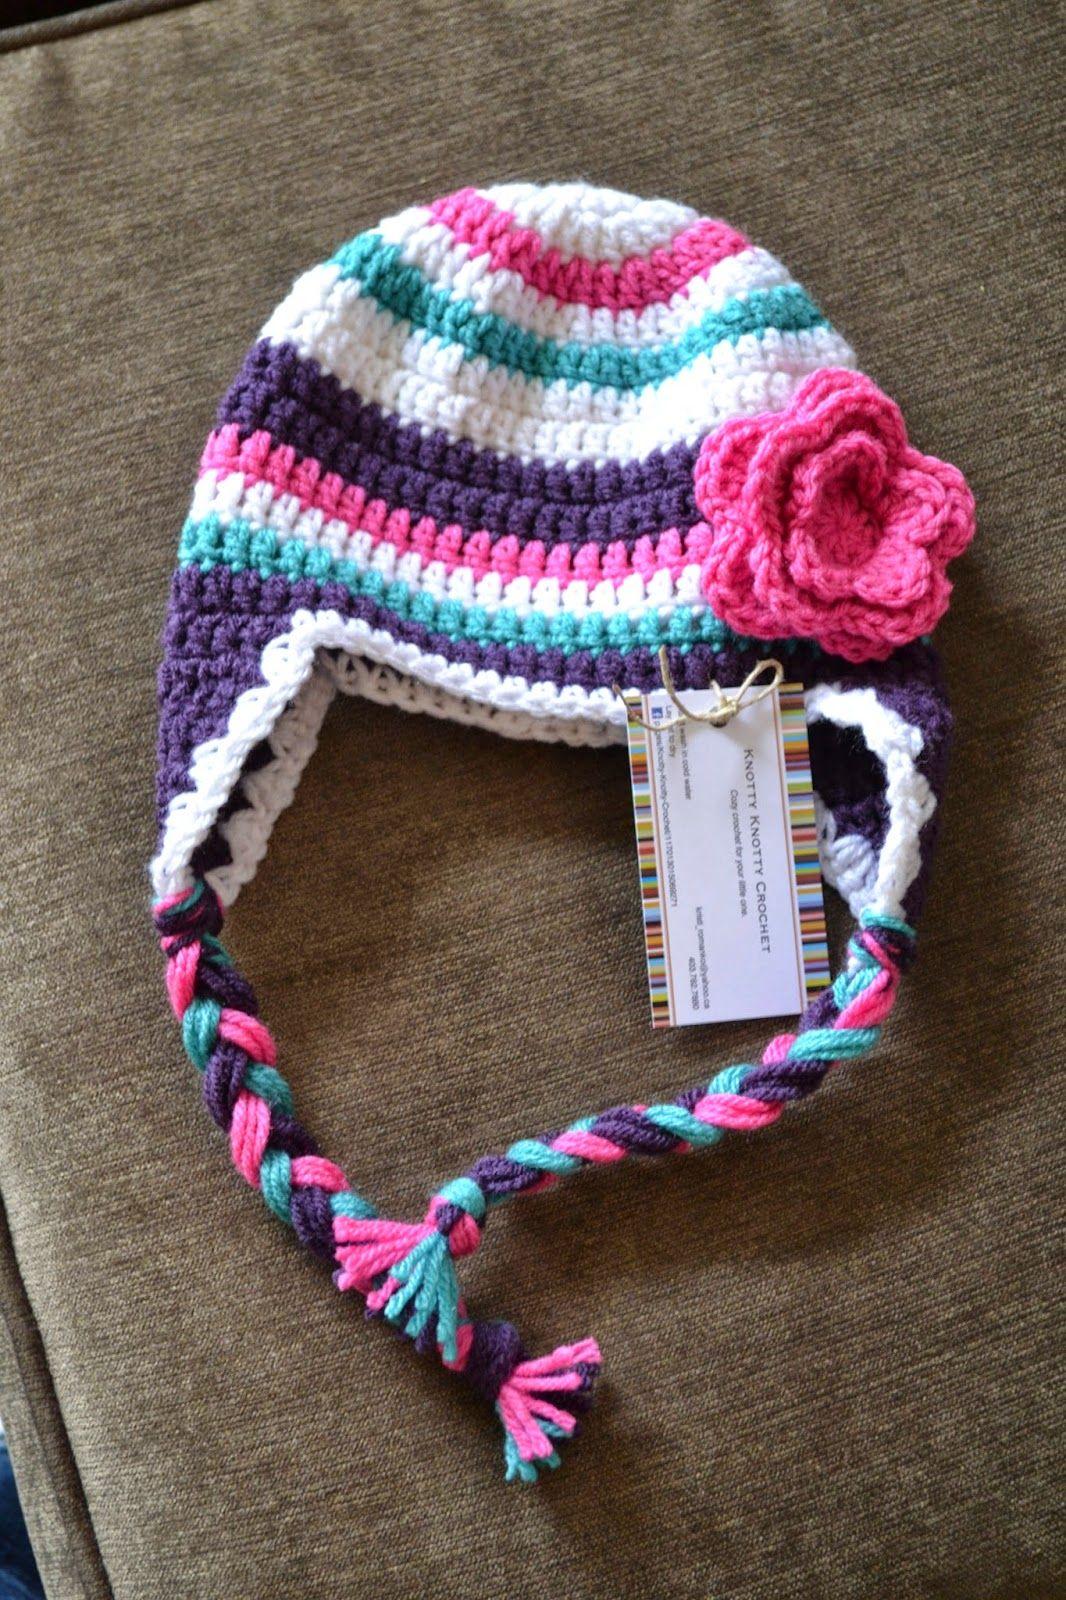 Knotty Knotty Crochet: super bulky striped hat FREE PATTERN ...